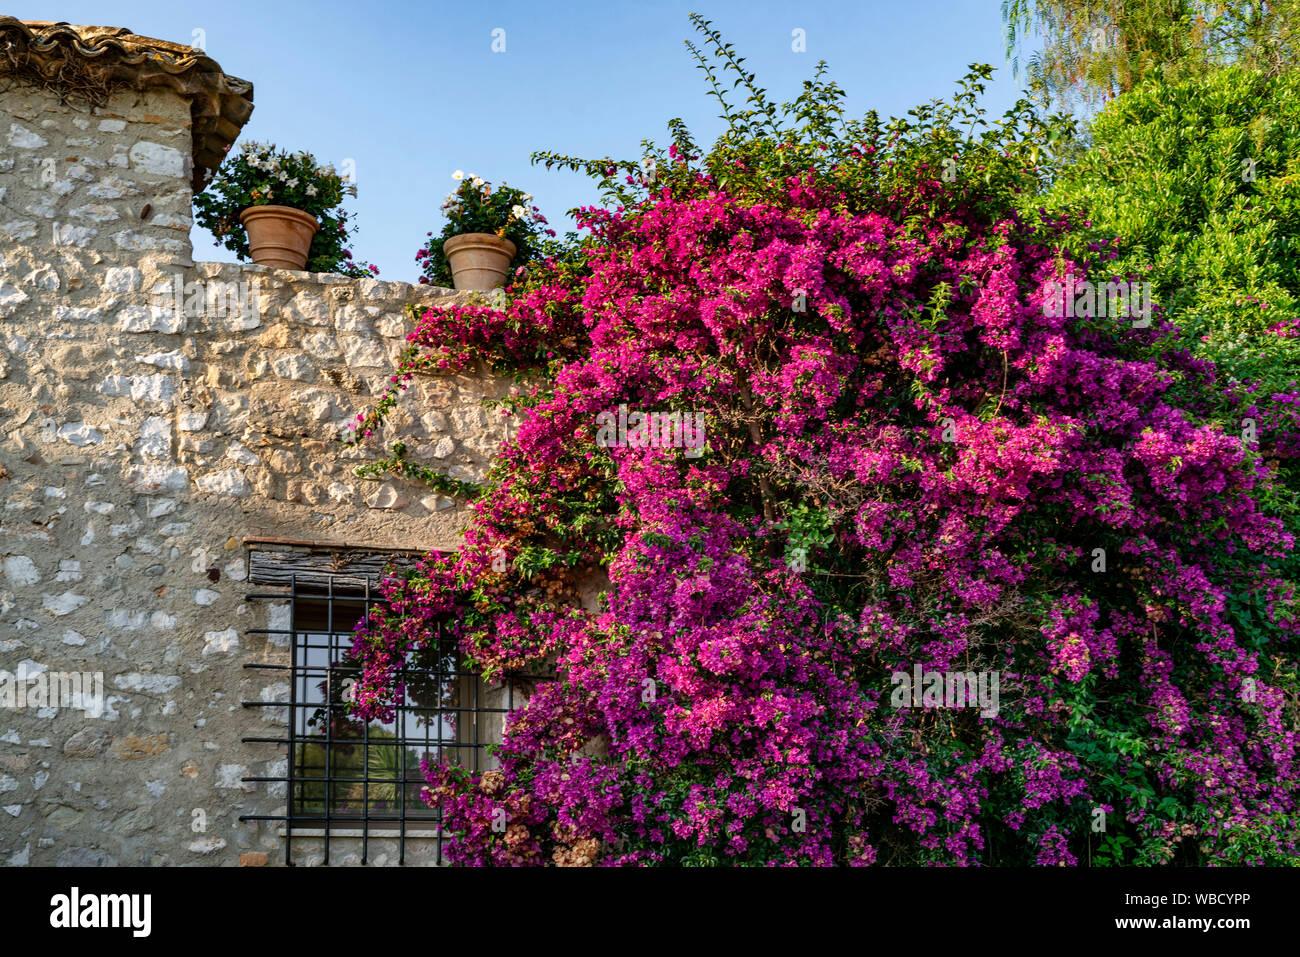 Bouganville in Saint-Paul-de-Vence,  Département Alpes-Maritimes, Region Provence-Alpes-Côte d'Azur, france Stock Photo